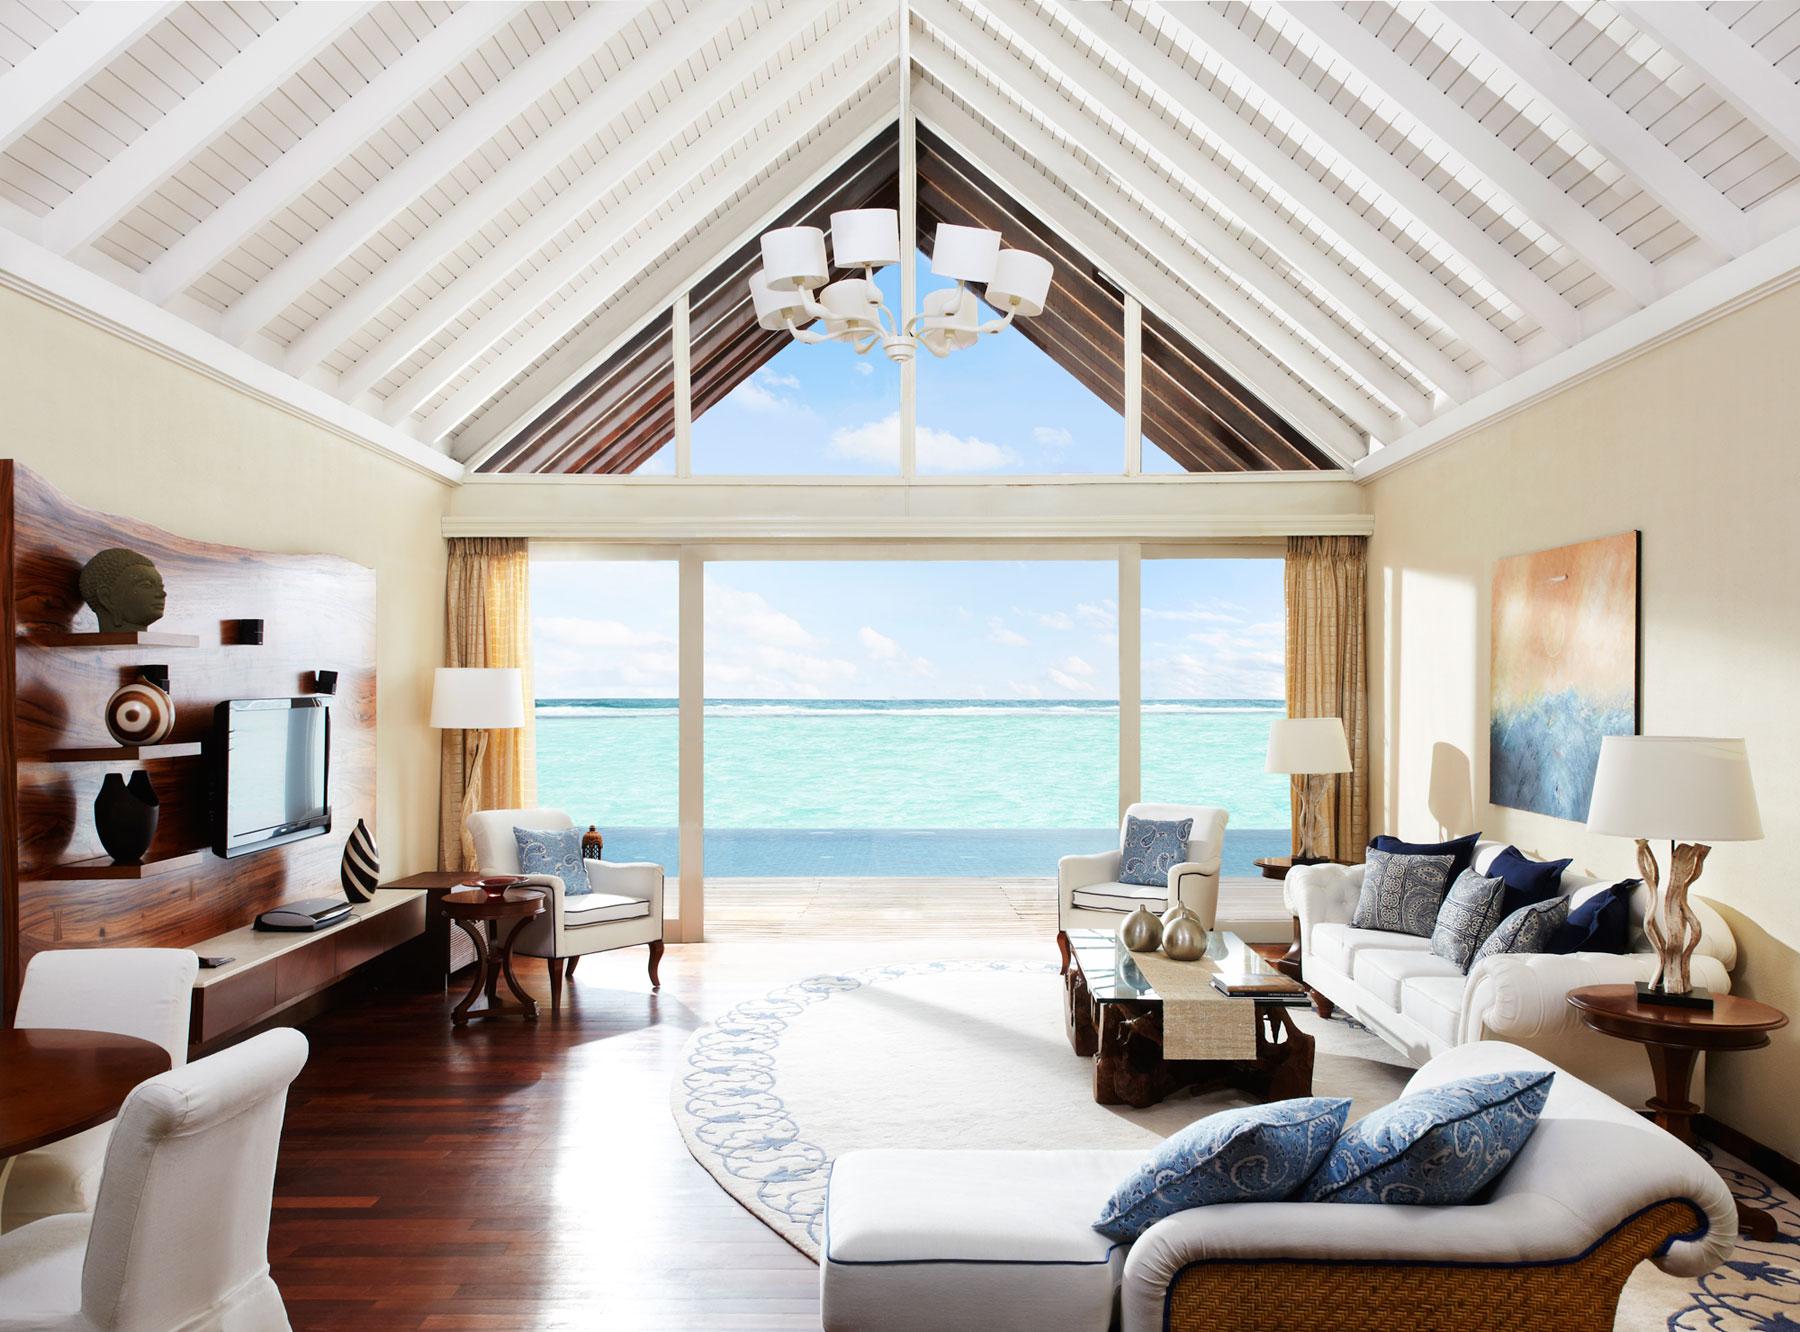 5-Star Taj Exotica Resort and Spa Maldives | Architecture